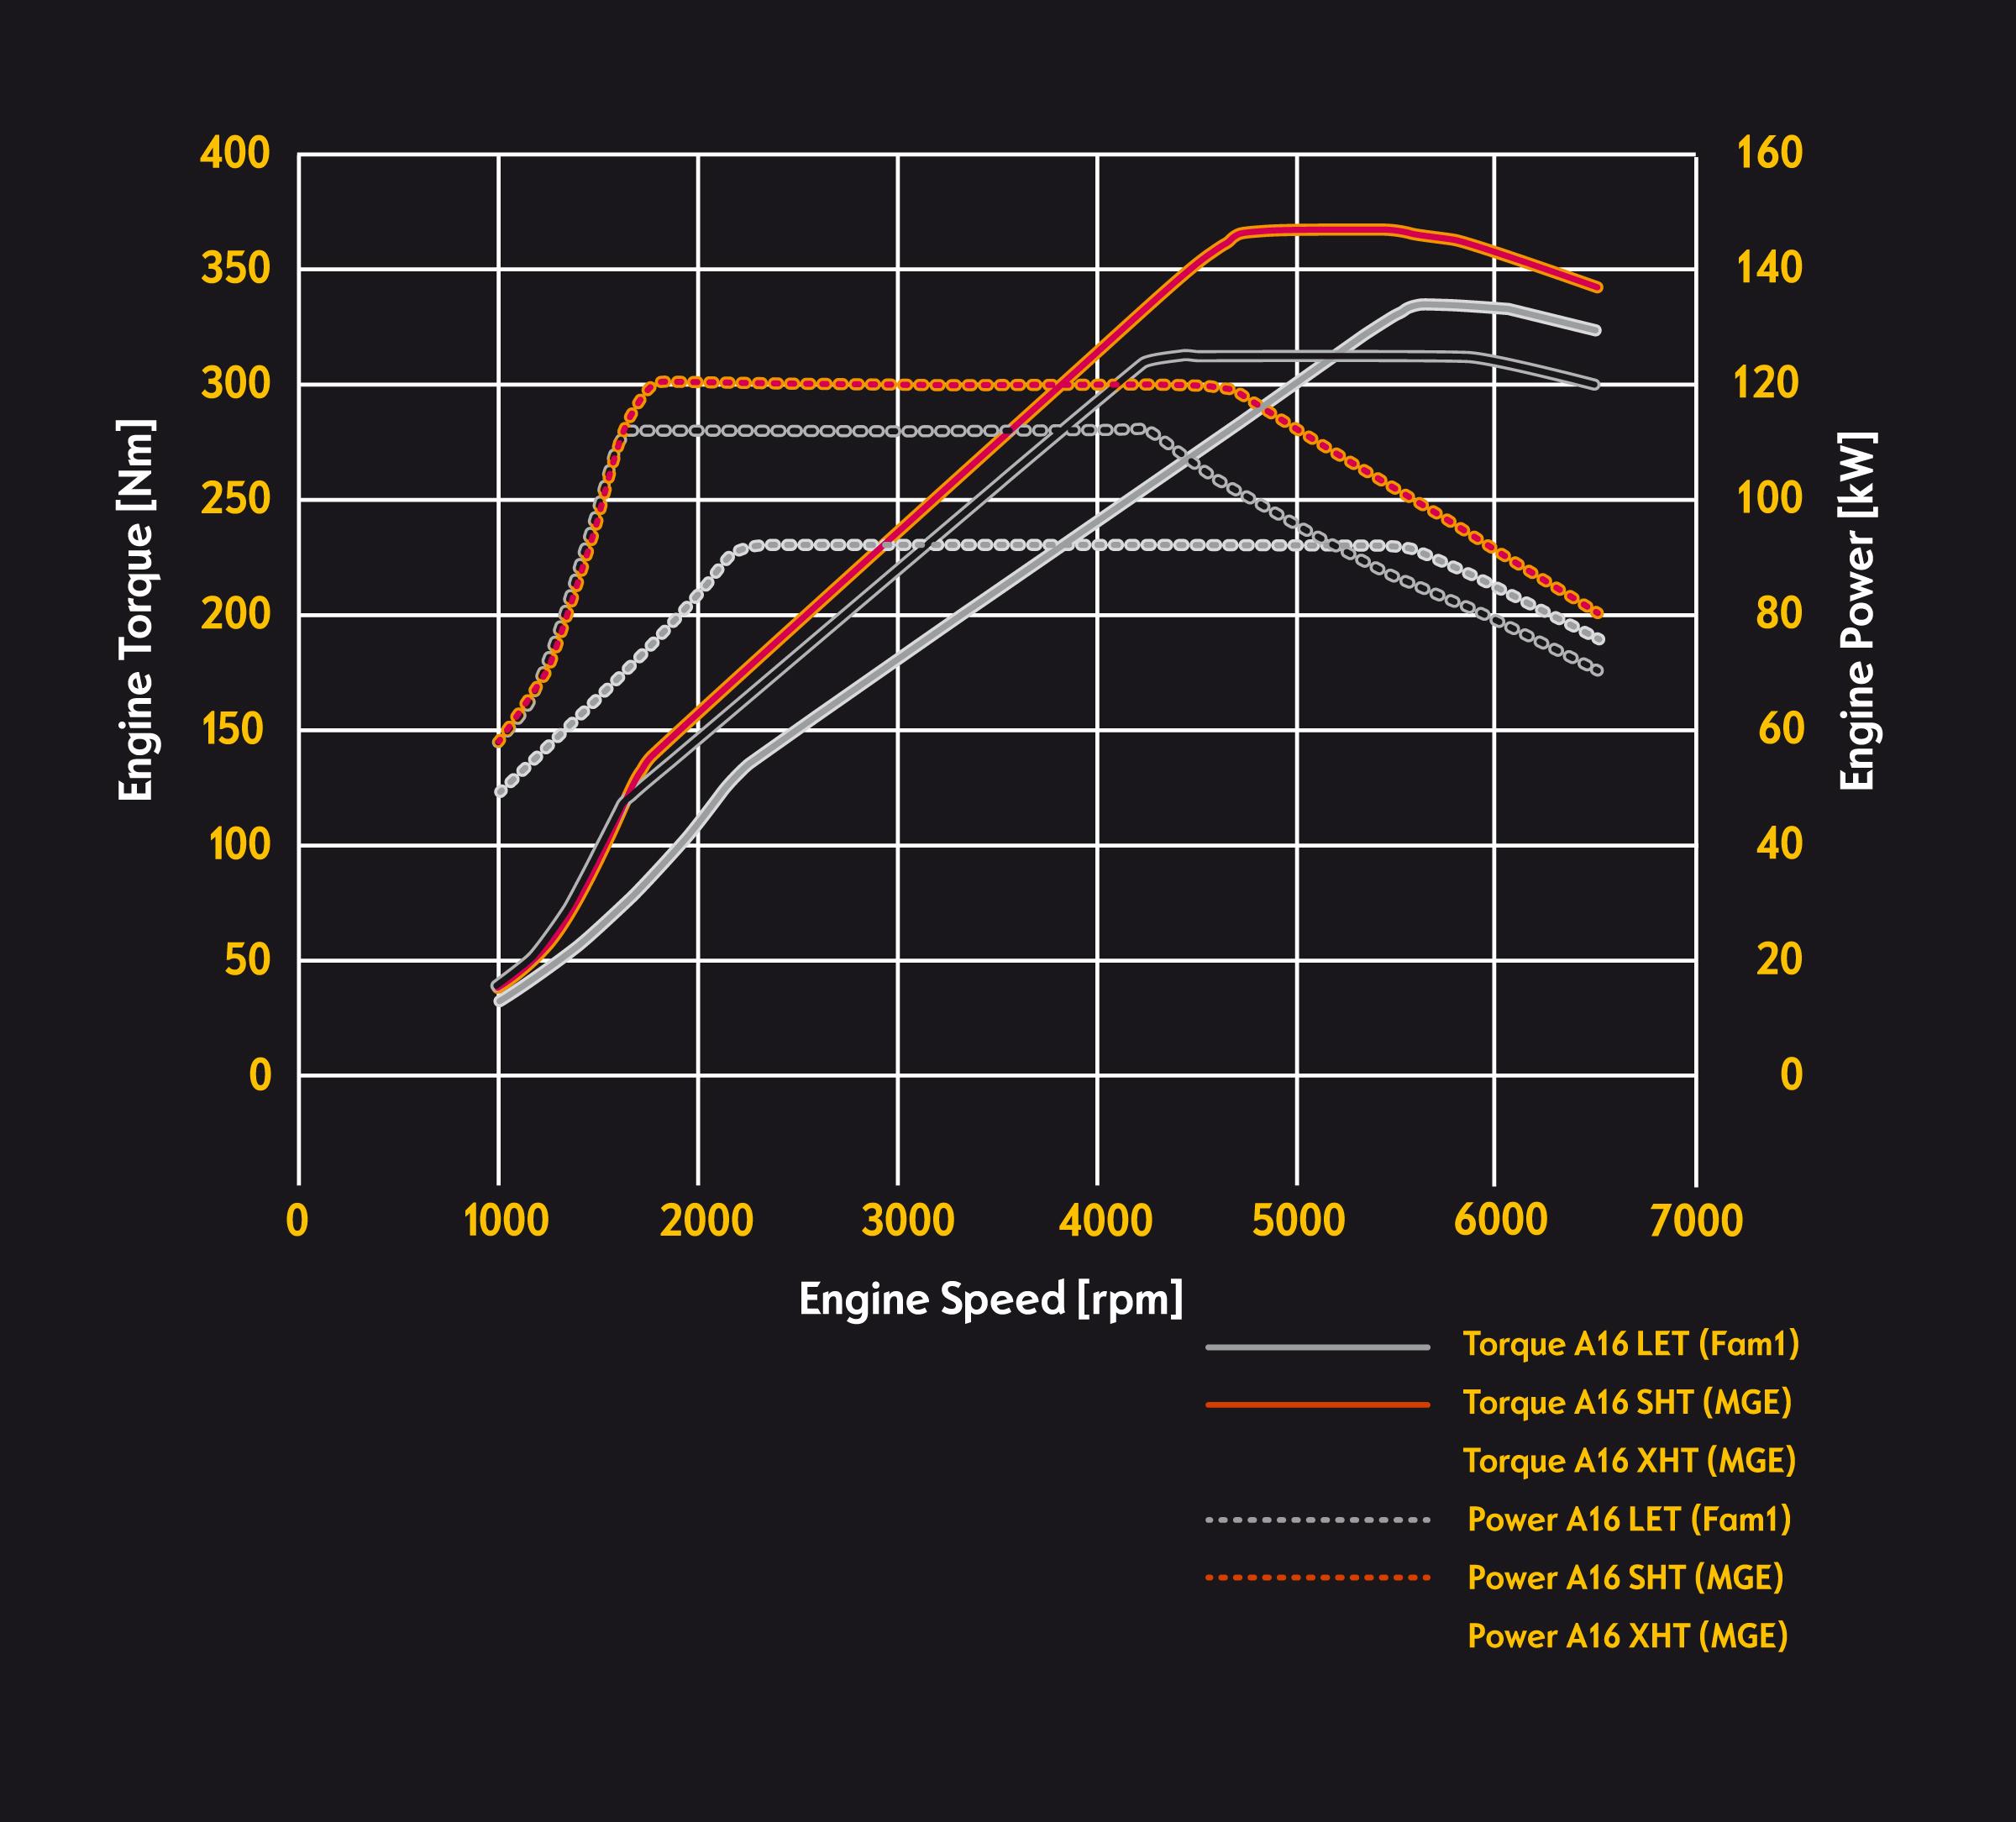 Opel 1.6 SIDI Turbo performance curves